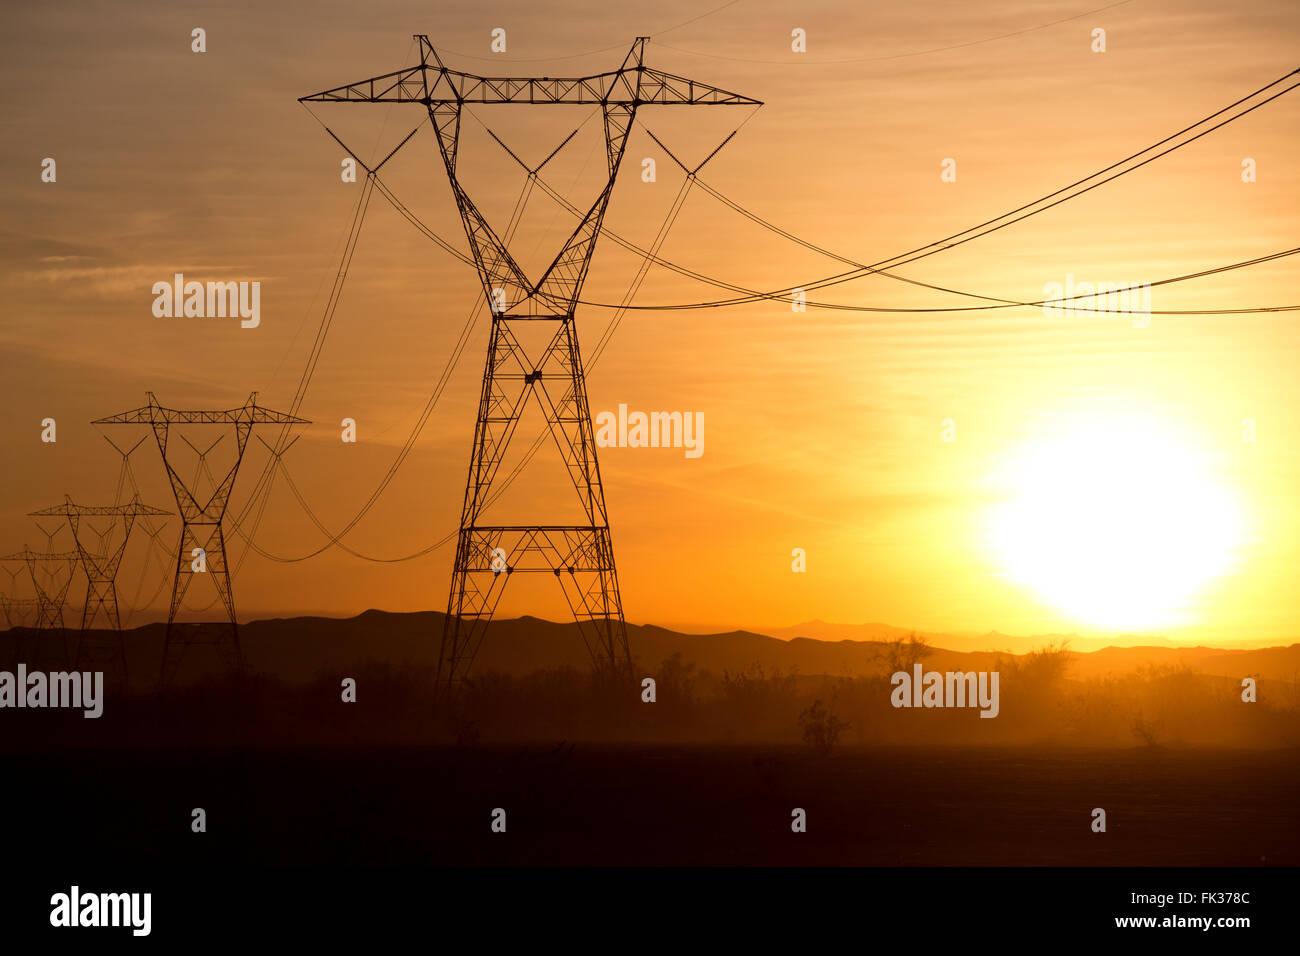 Líneas eléctricas de alta tensión y la puesta de sol en el Desierto de Sonora, California, EE.UU. Imagen De Stock